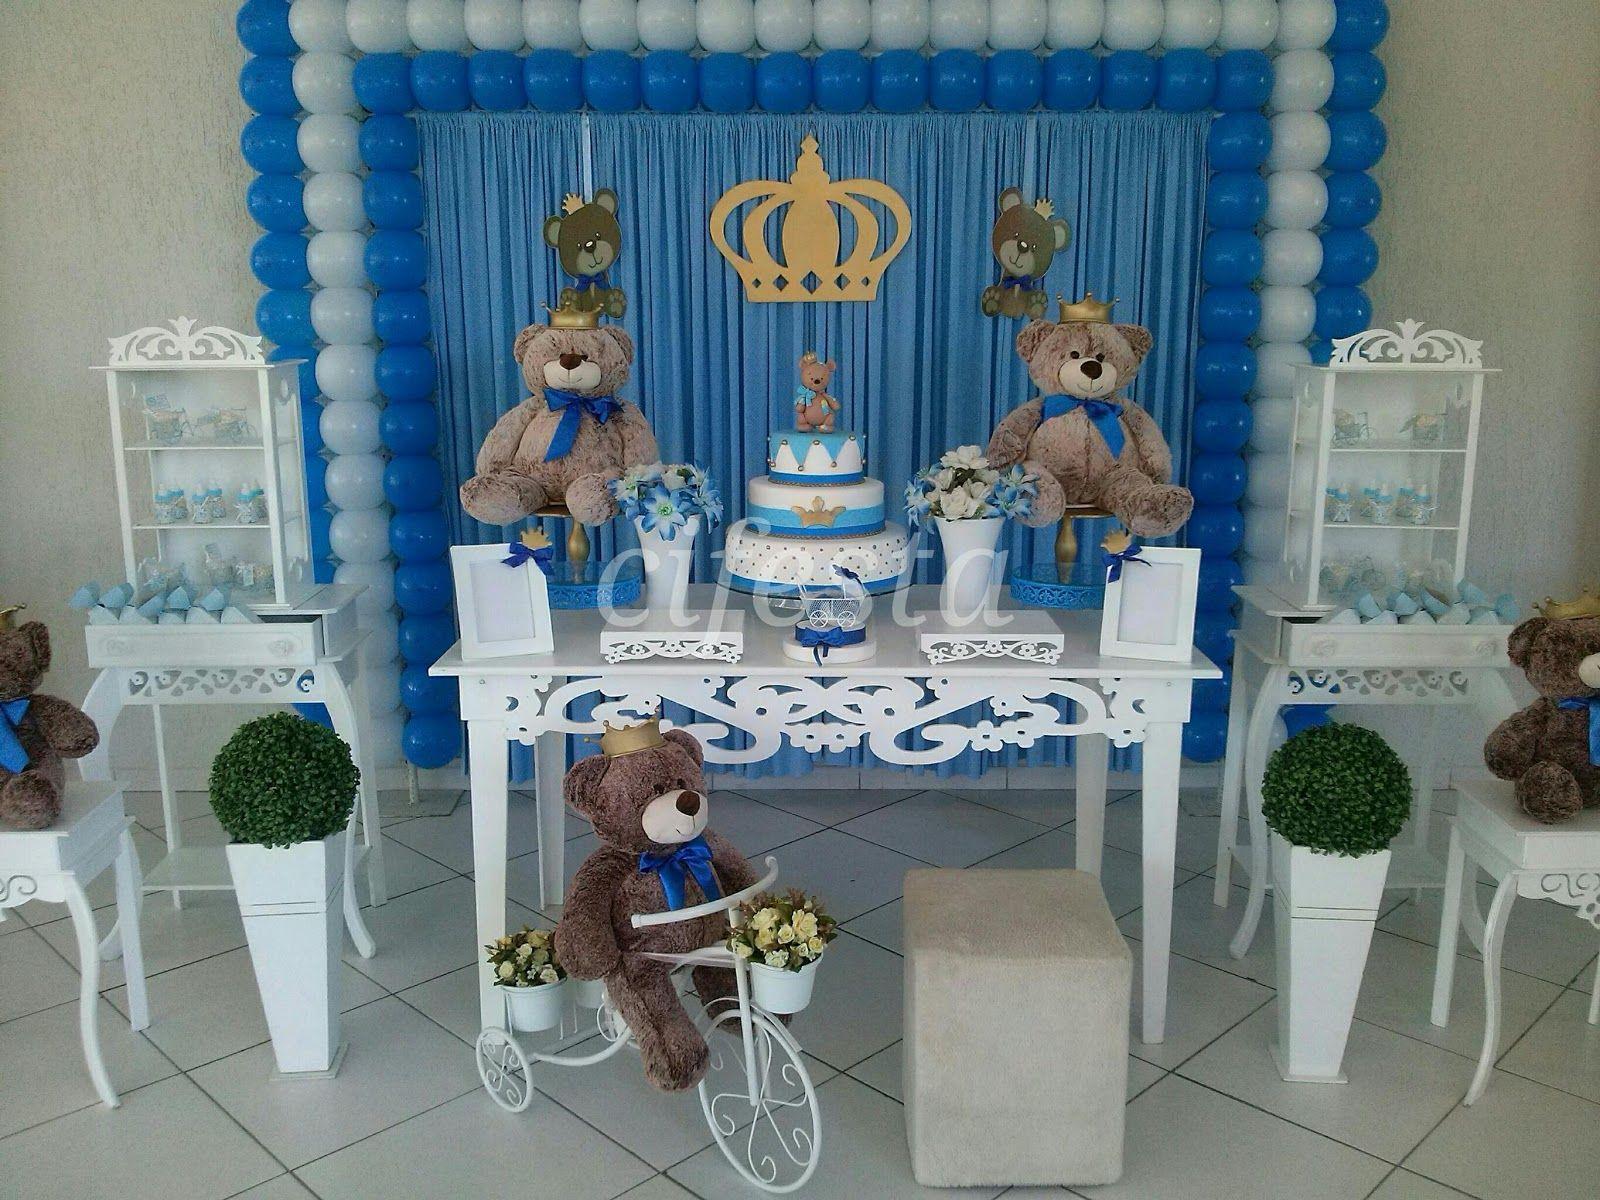 Decoraç u00e3o de festa infantil, chá de beb u00ea, batizados, buffet em domicilio, decoraç u00e3o provençal  -> Decoração Cha De Bebe Tema Urso